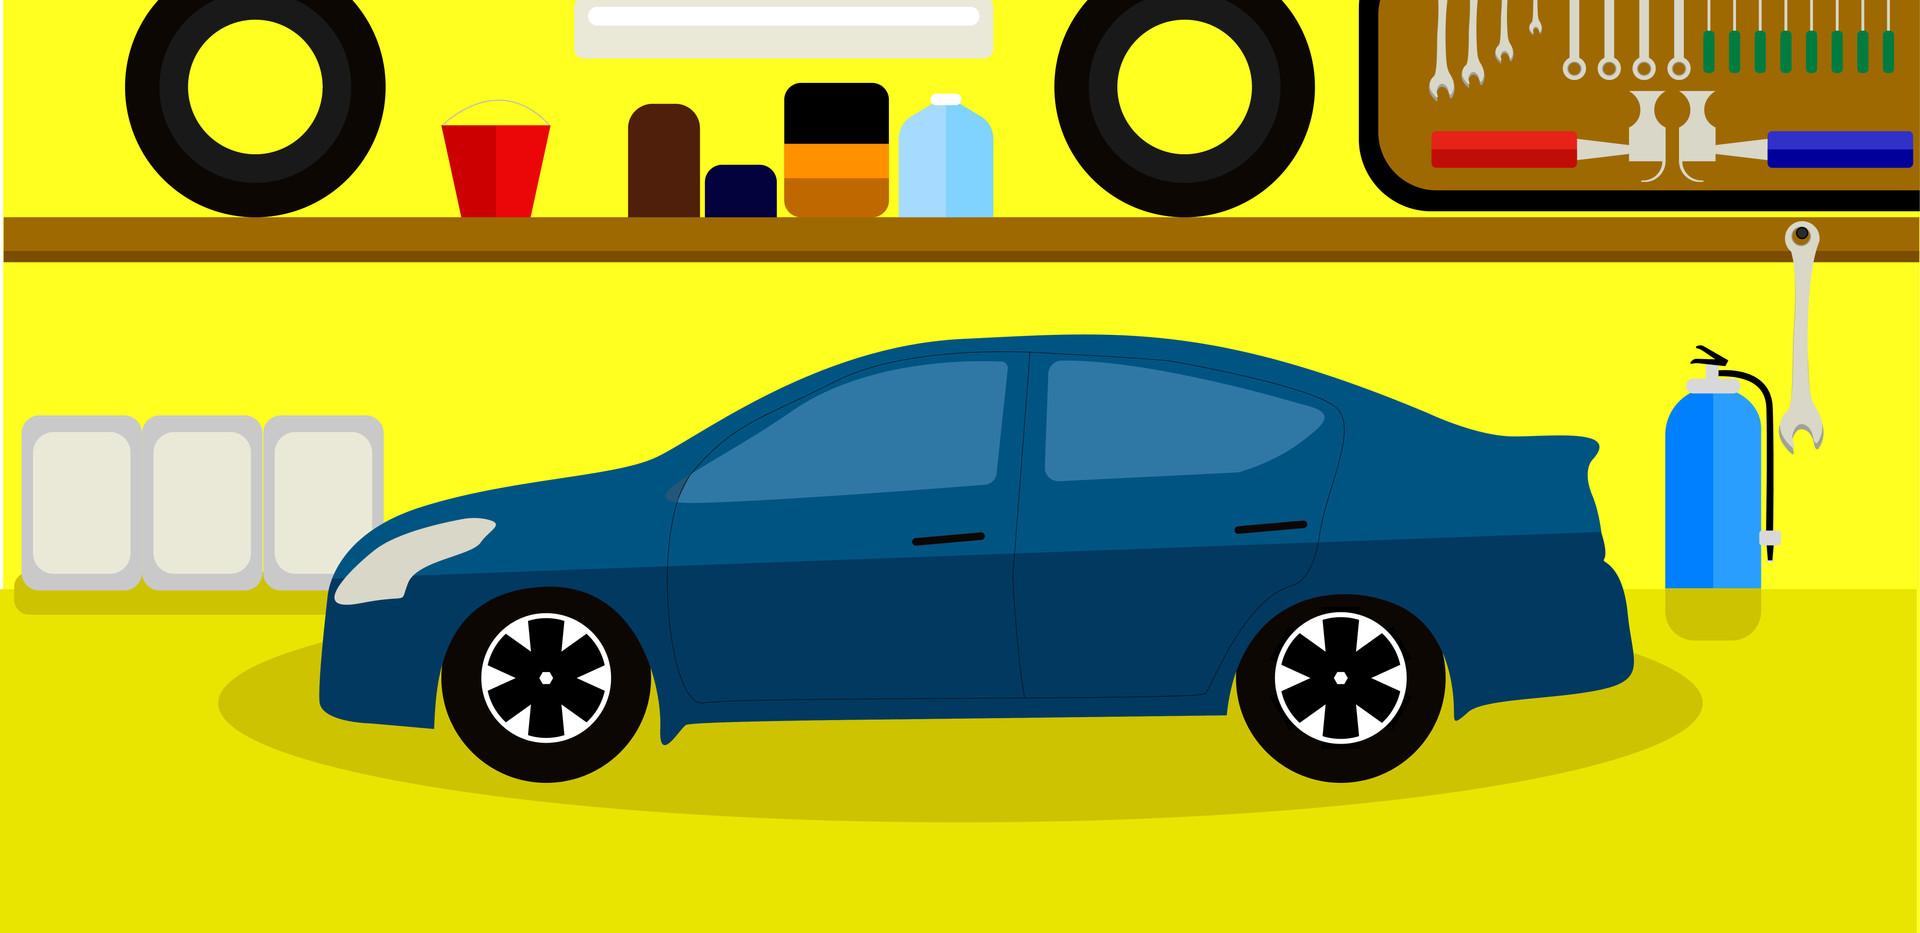 Garage banner for website